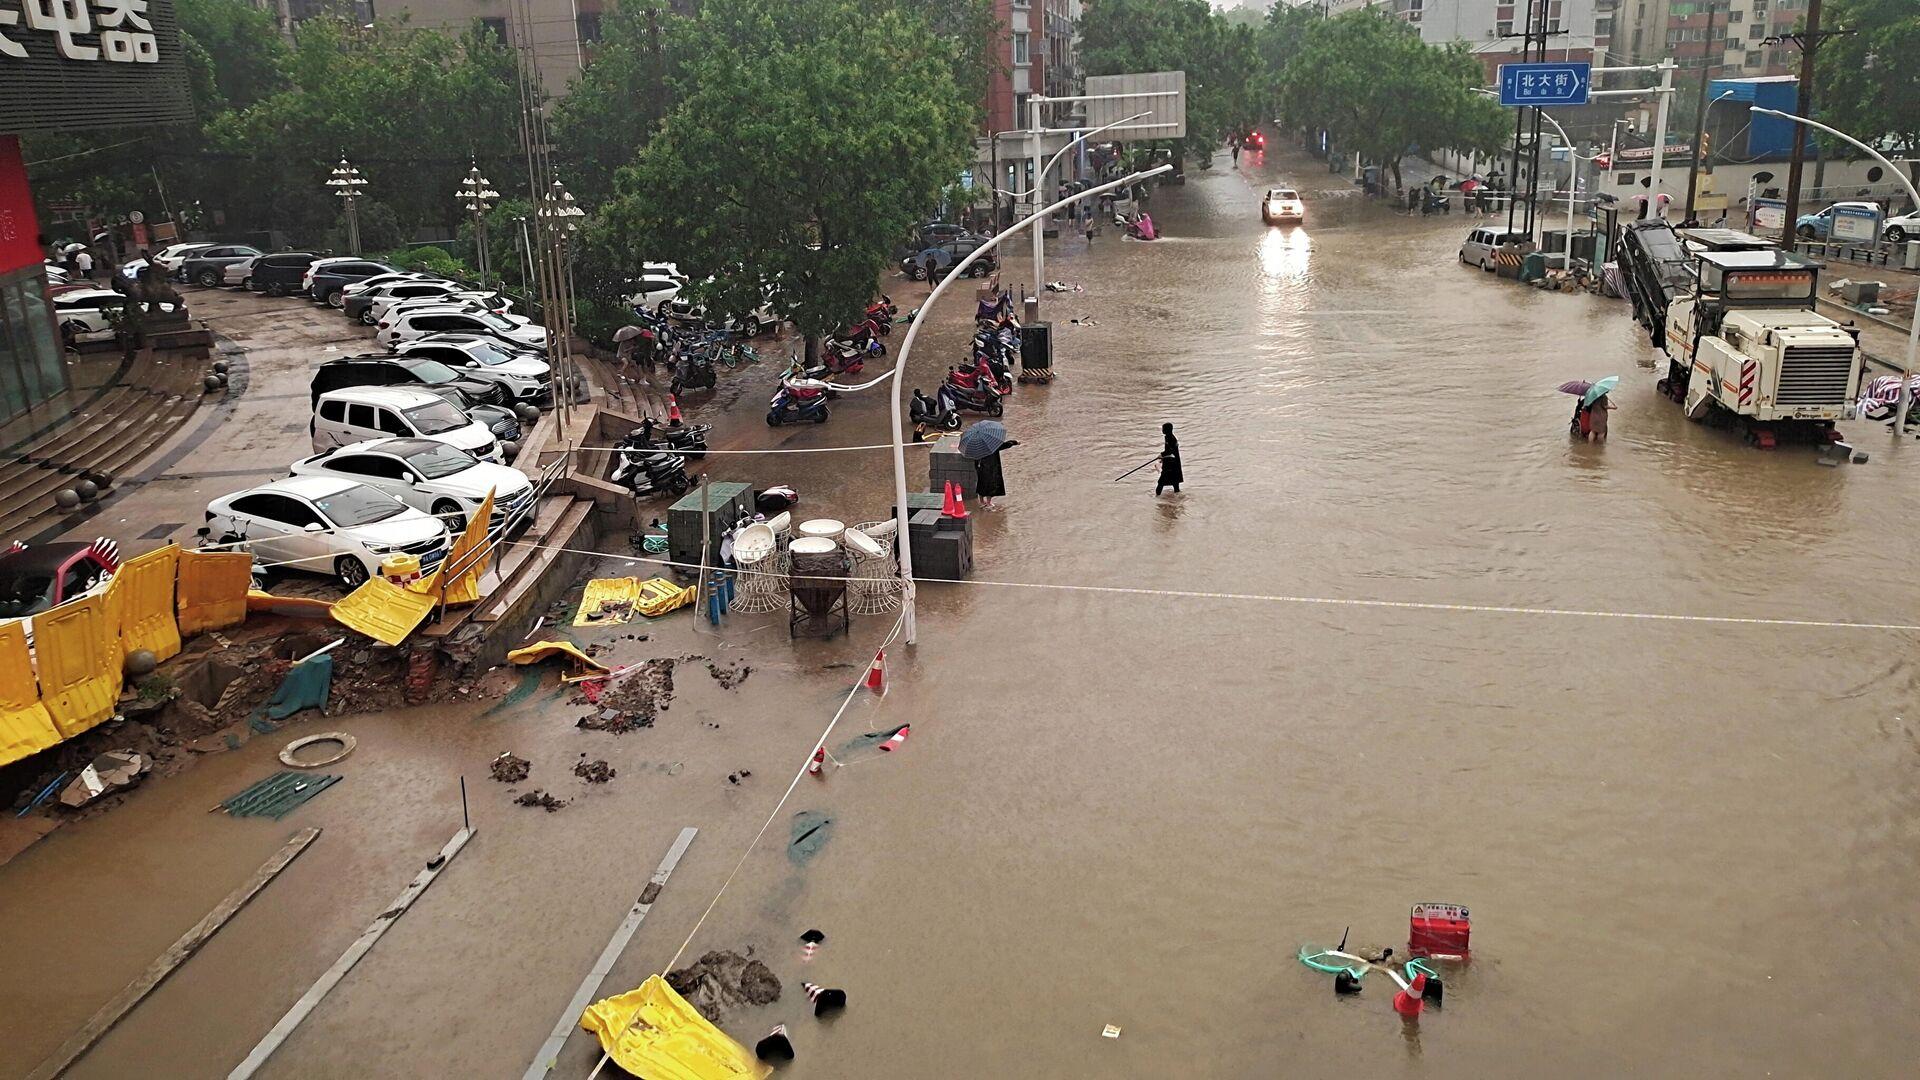 Число жертв наводнения в Чжэнчжоу выросло до 25 человек, семь считаются пропавшими